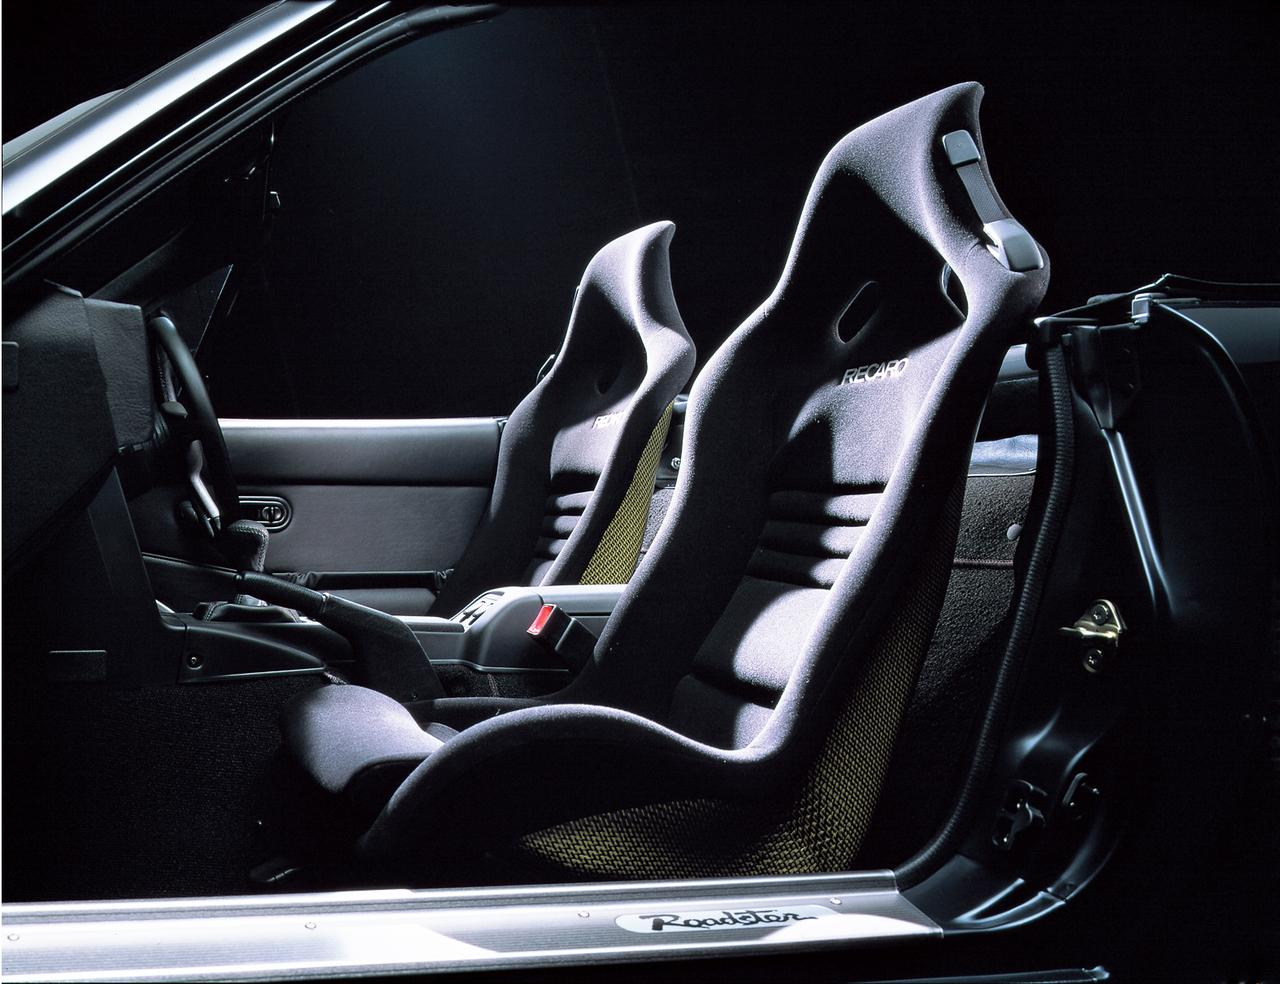 画像: コーナリング時に体の横移動を最小限に押さえる、レカロ社製のフルバケットシート。サーキット走行時にも最適な装備。